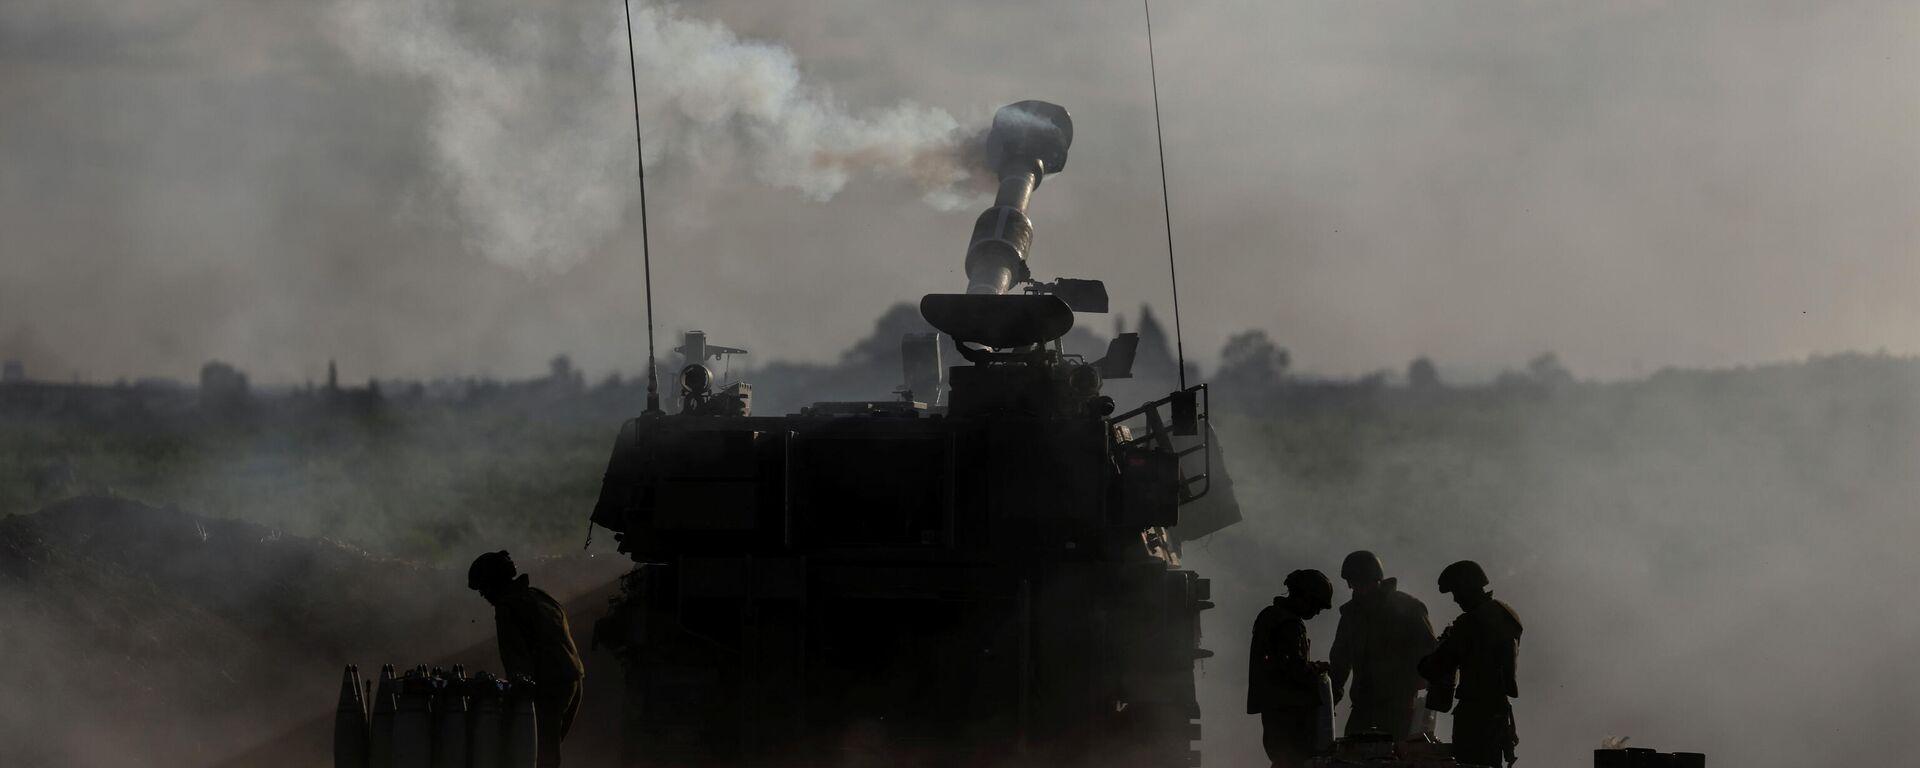 Soldaten der israelischen Armee an der Grenze zum Gazastreifen - SNA, 1920, 23.05.2021